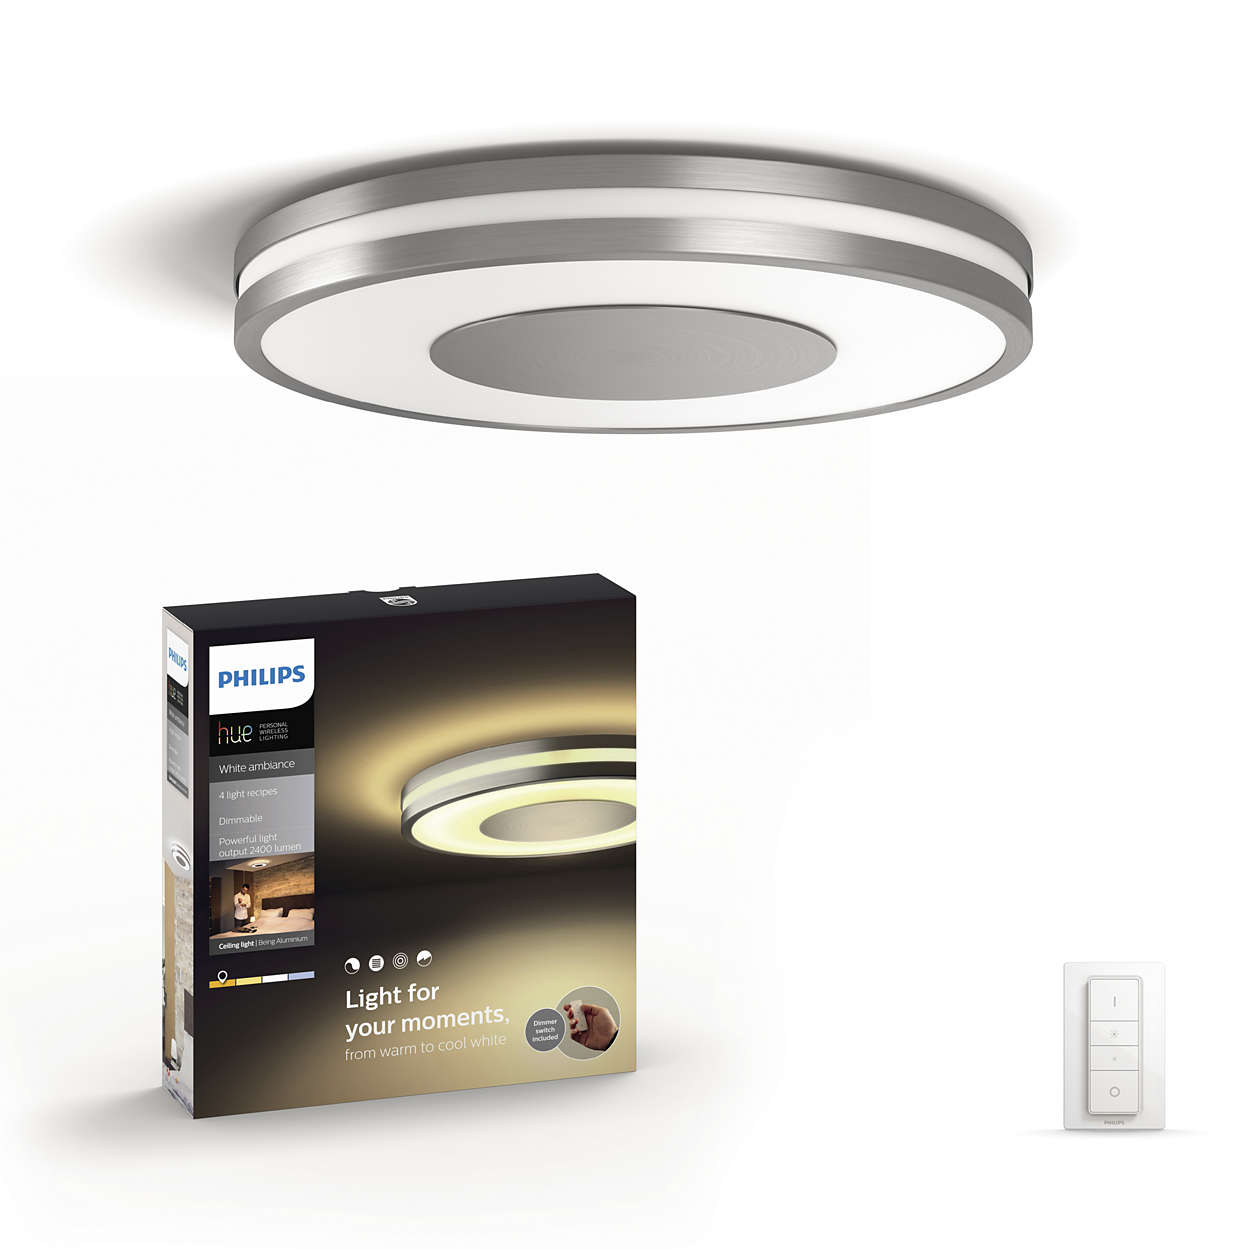 Proyecta una luz agradable en el techo